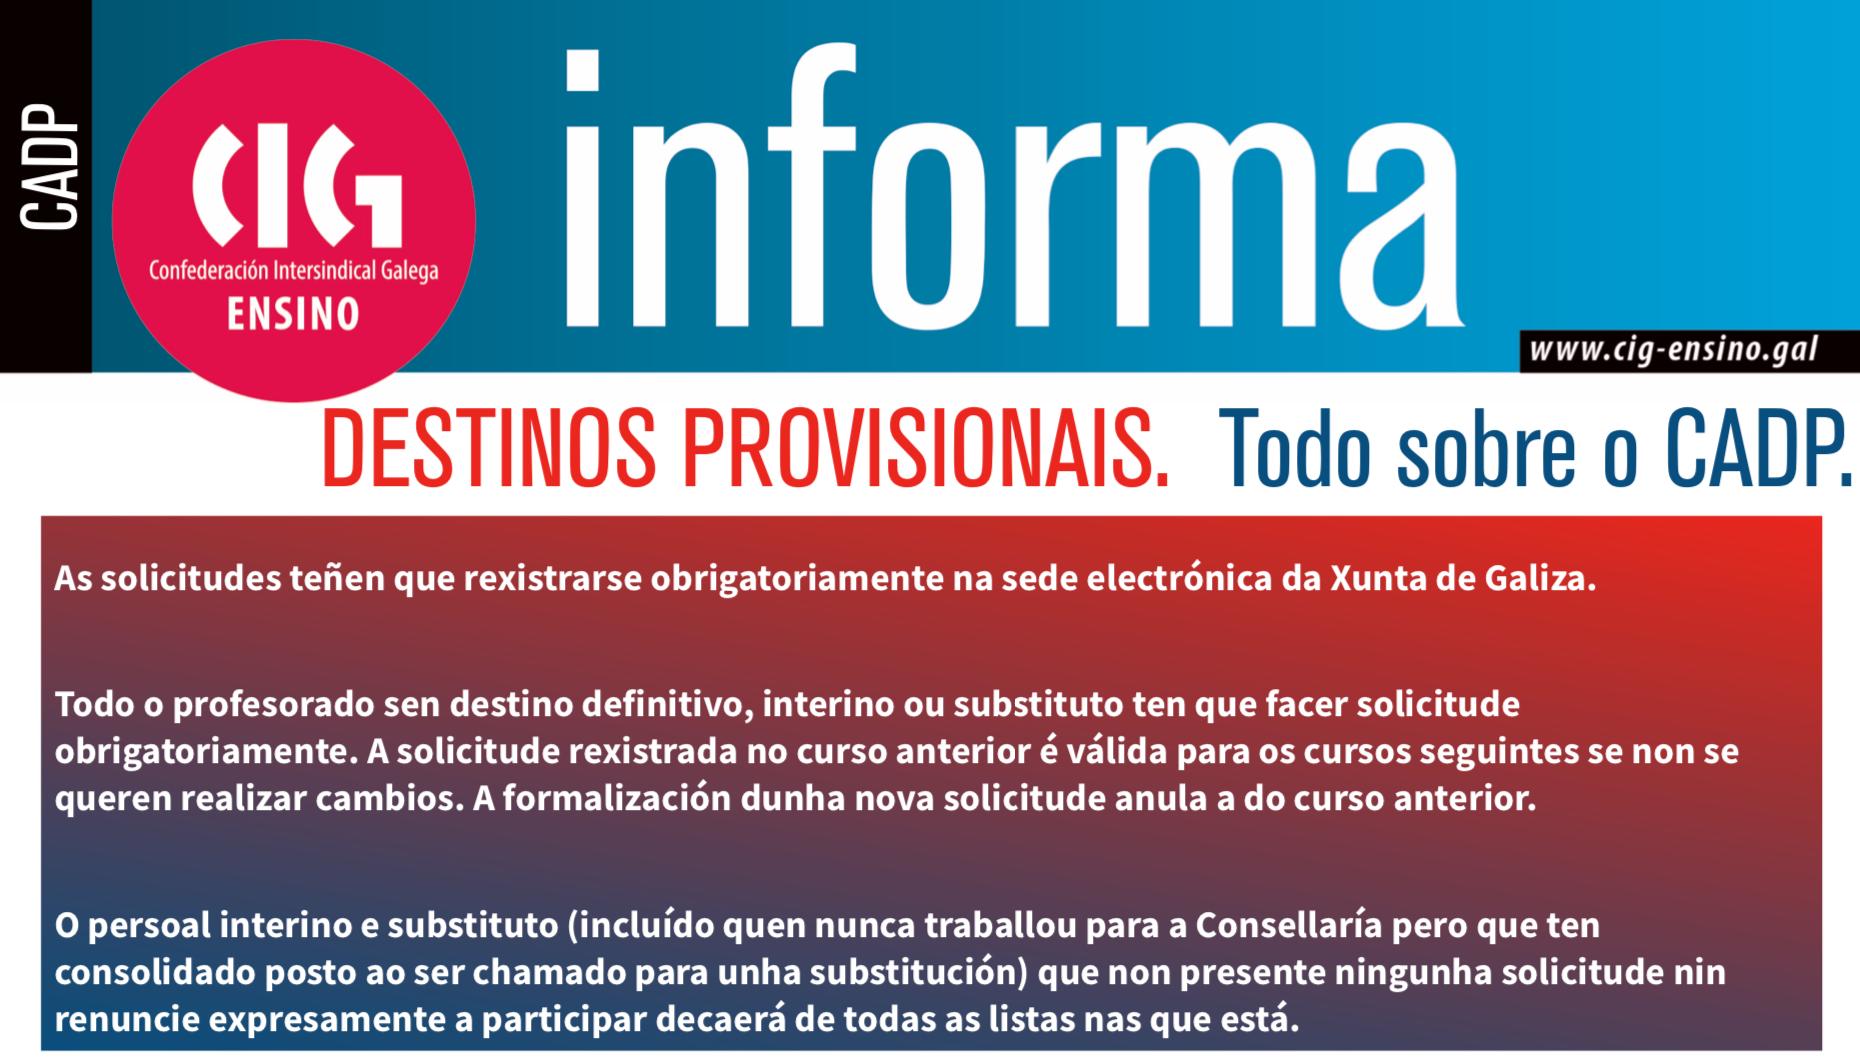 Calendario Laboral Ourense 2020.Destinos Provisionais Mestres Cig Ensino